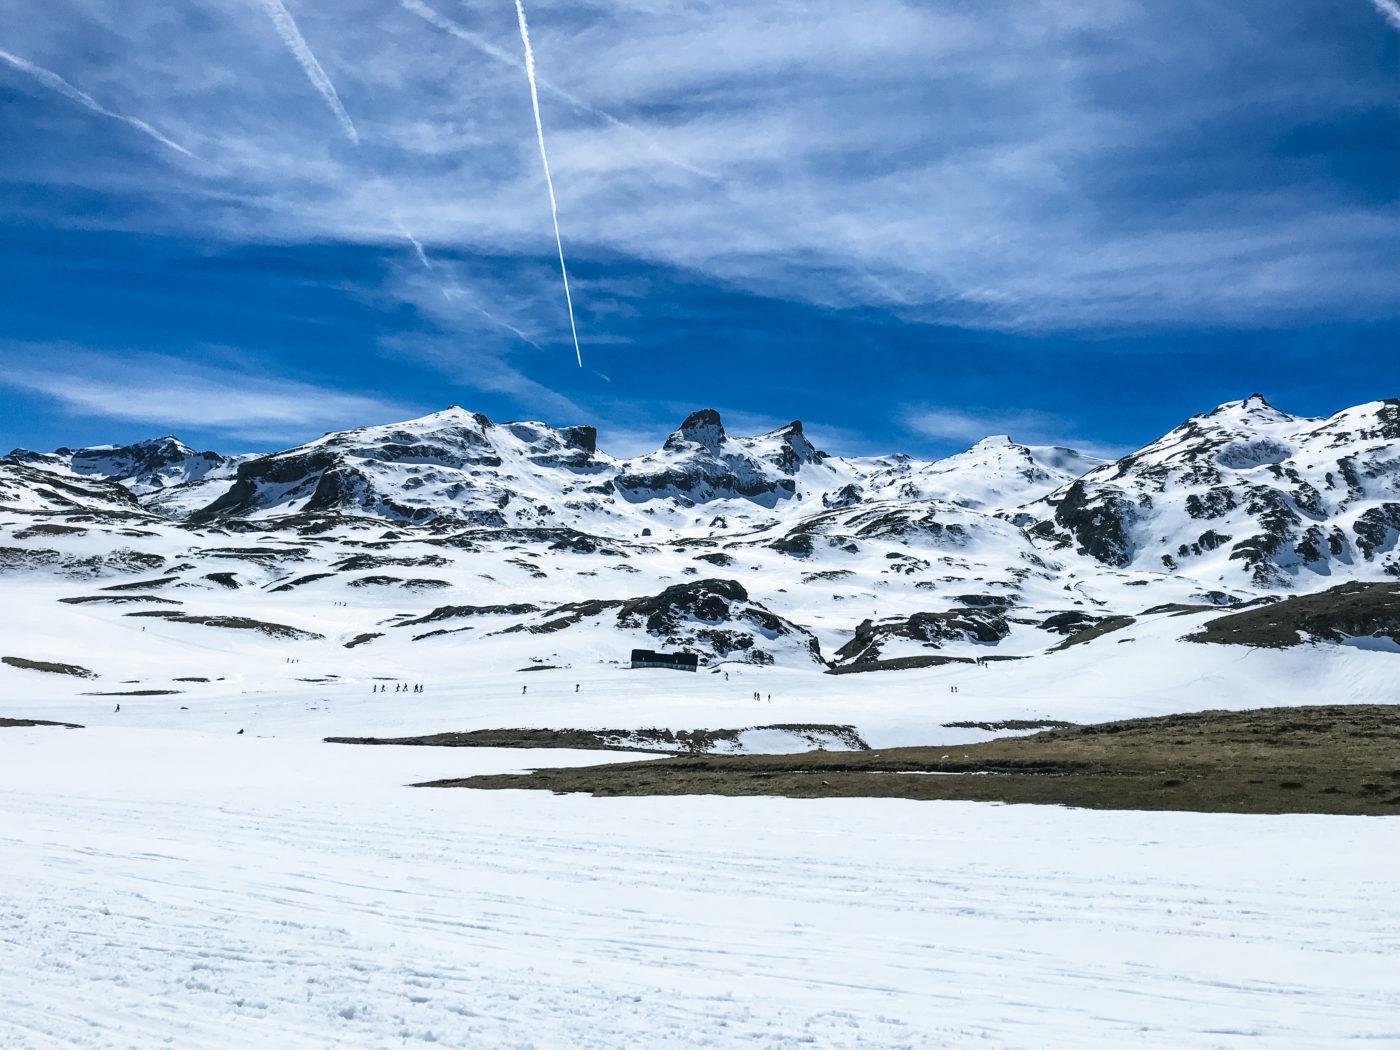 agence événementielle réceptive voyage pays basque erronda séminaire team building saint jean de luz formigal montagne paysage neige vacances pyrénées